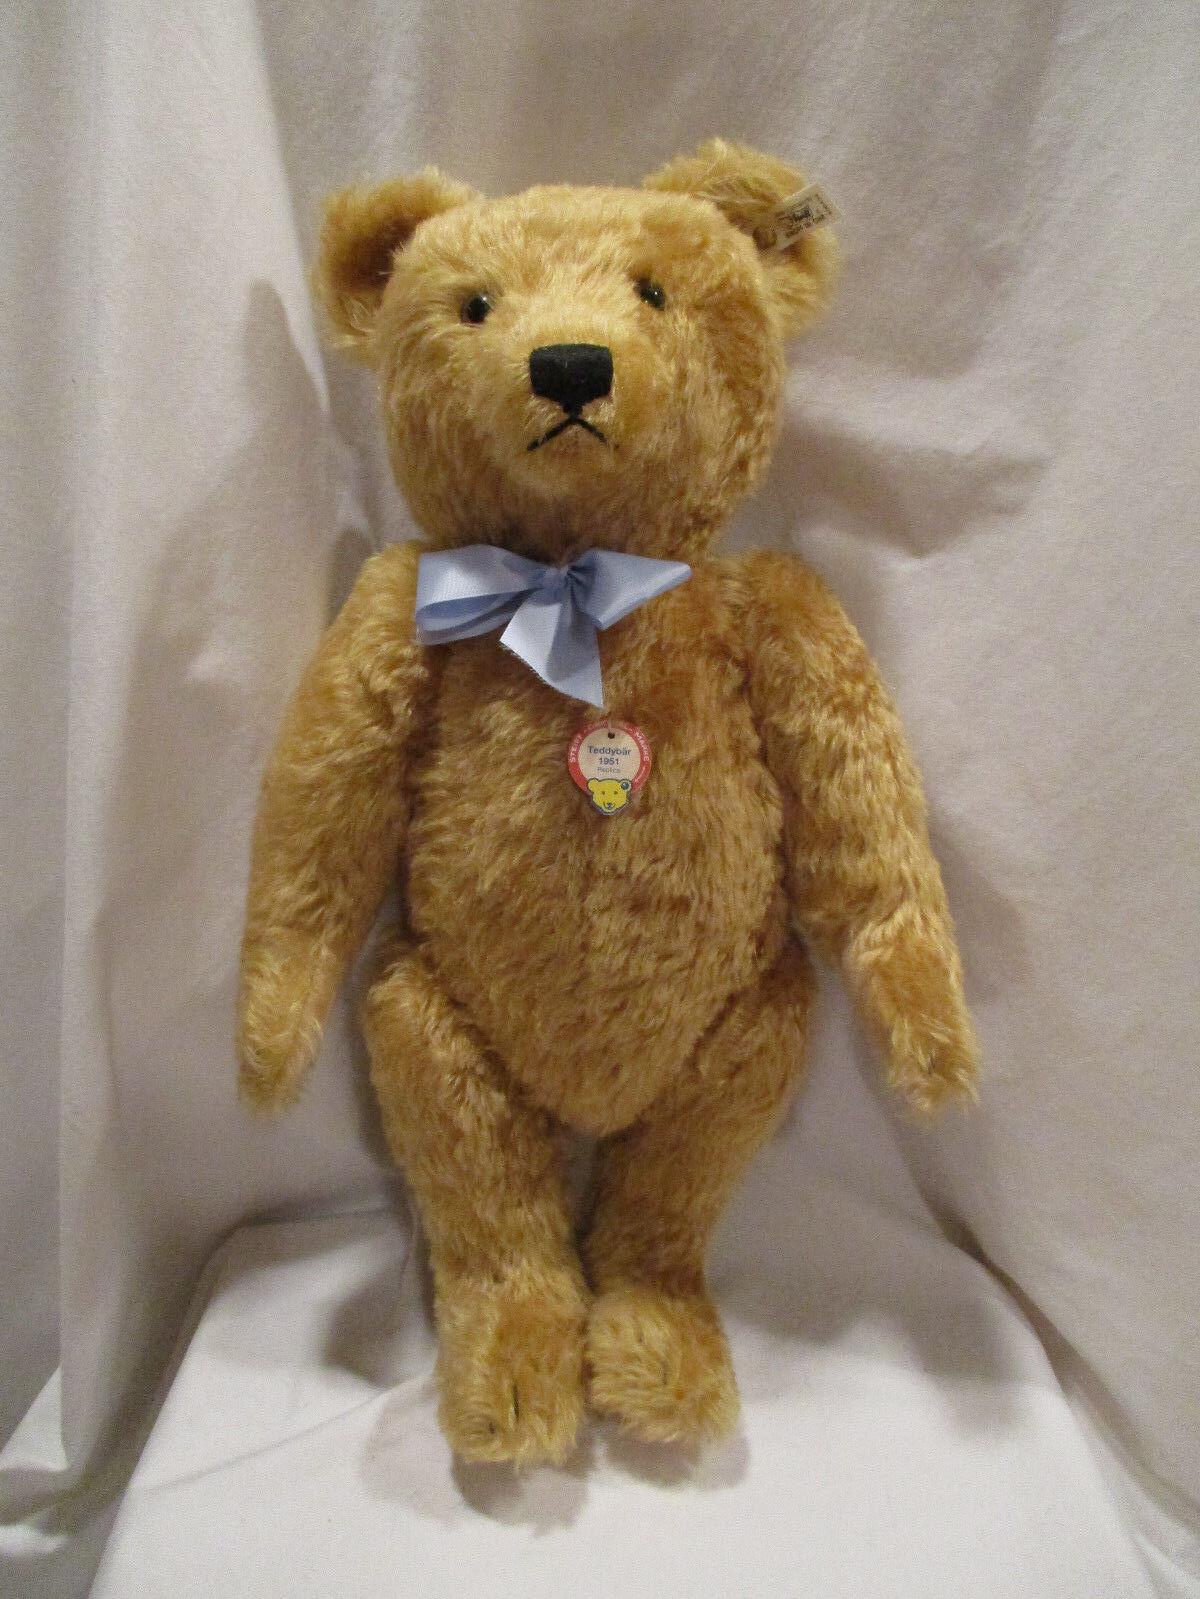 Steiff Teddy Bear Replica 1959 EAN 408434 with Box and COA